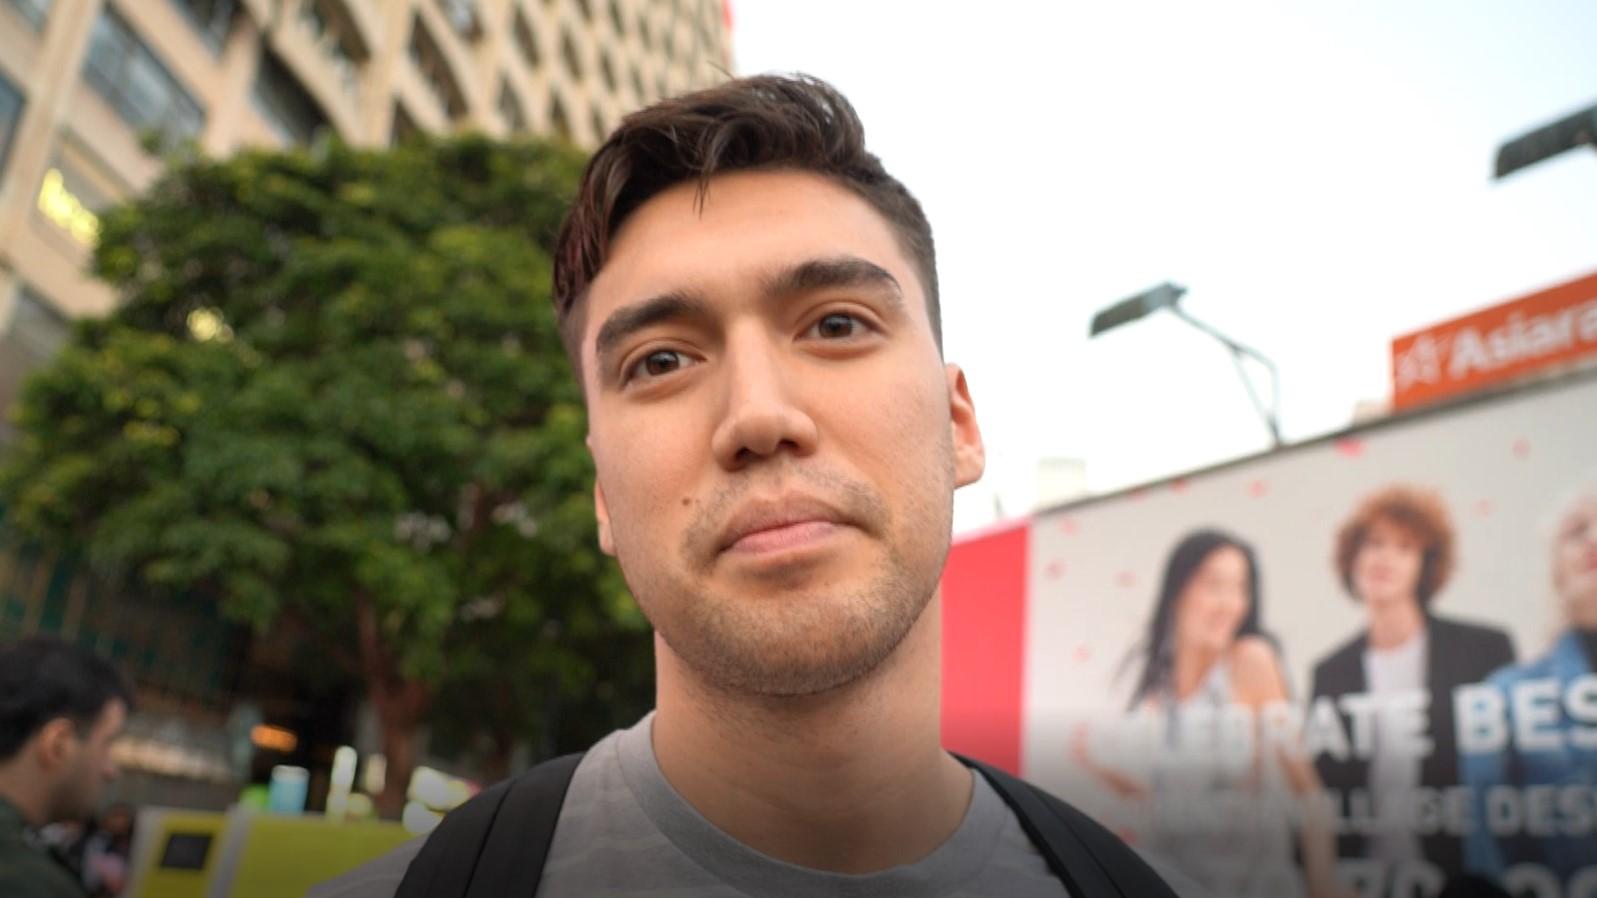 出生于香港、现居英国的杨格(Young Sum)认为,香港人面对警暴仍然坚持抗争,为此感到自豪。(李智智摄)